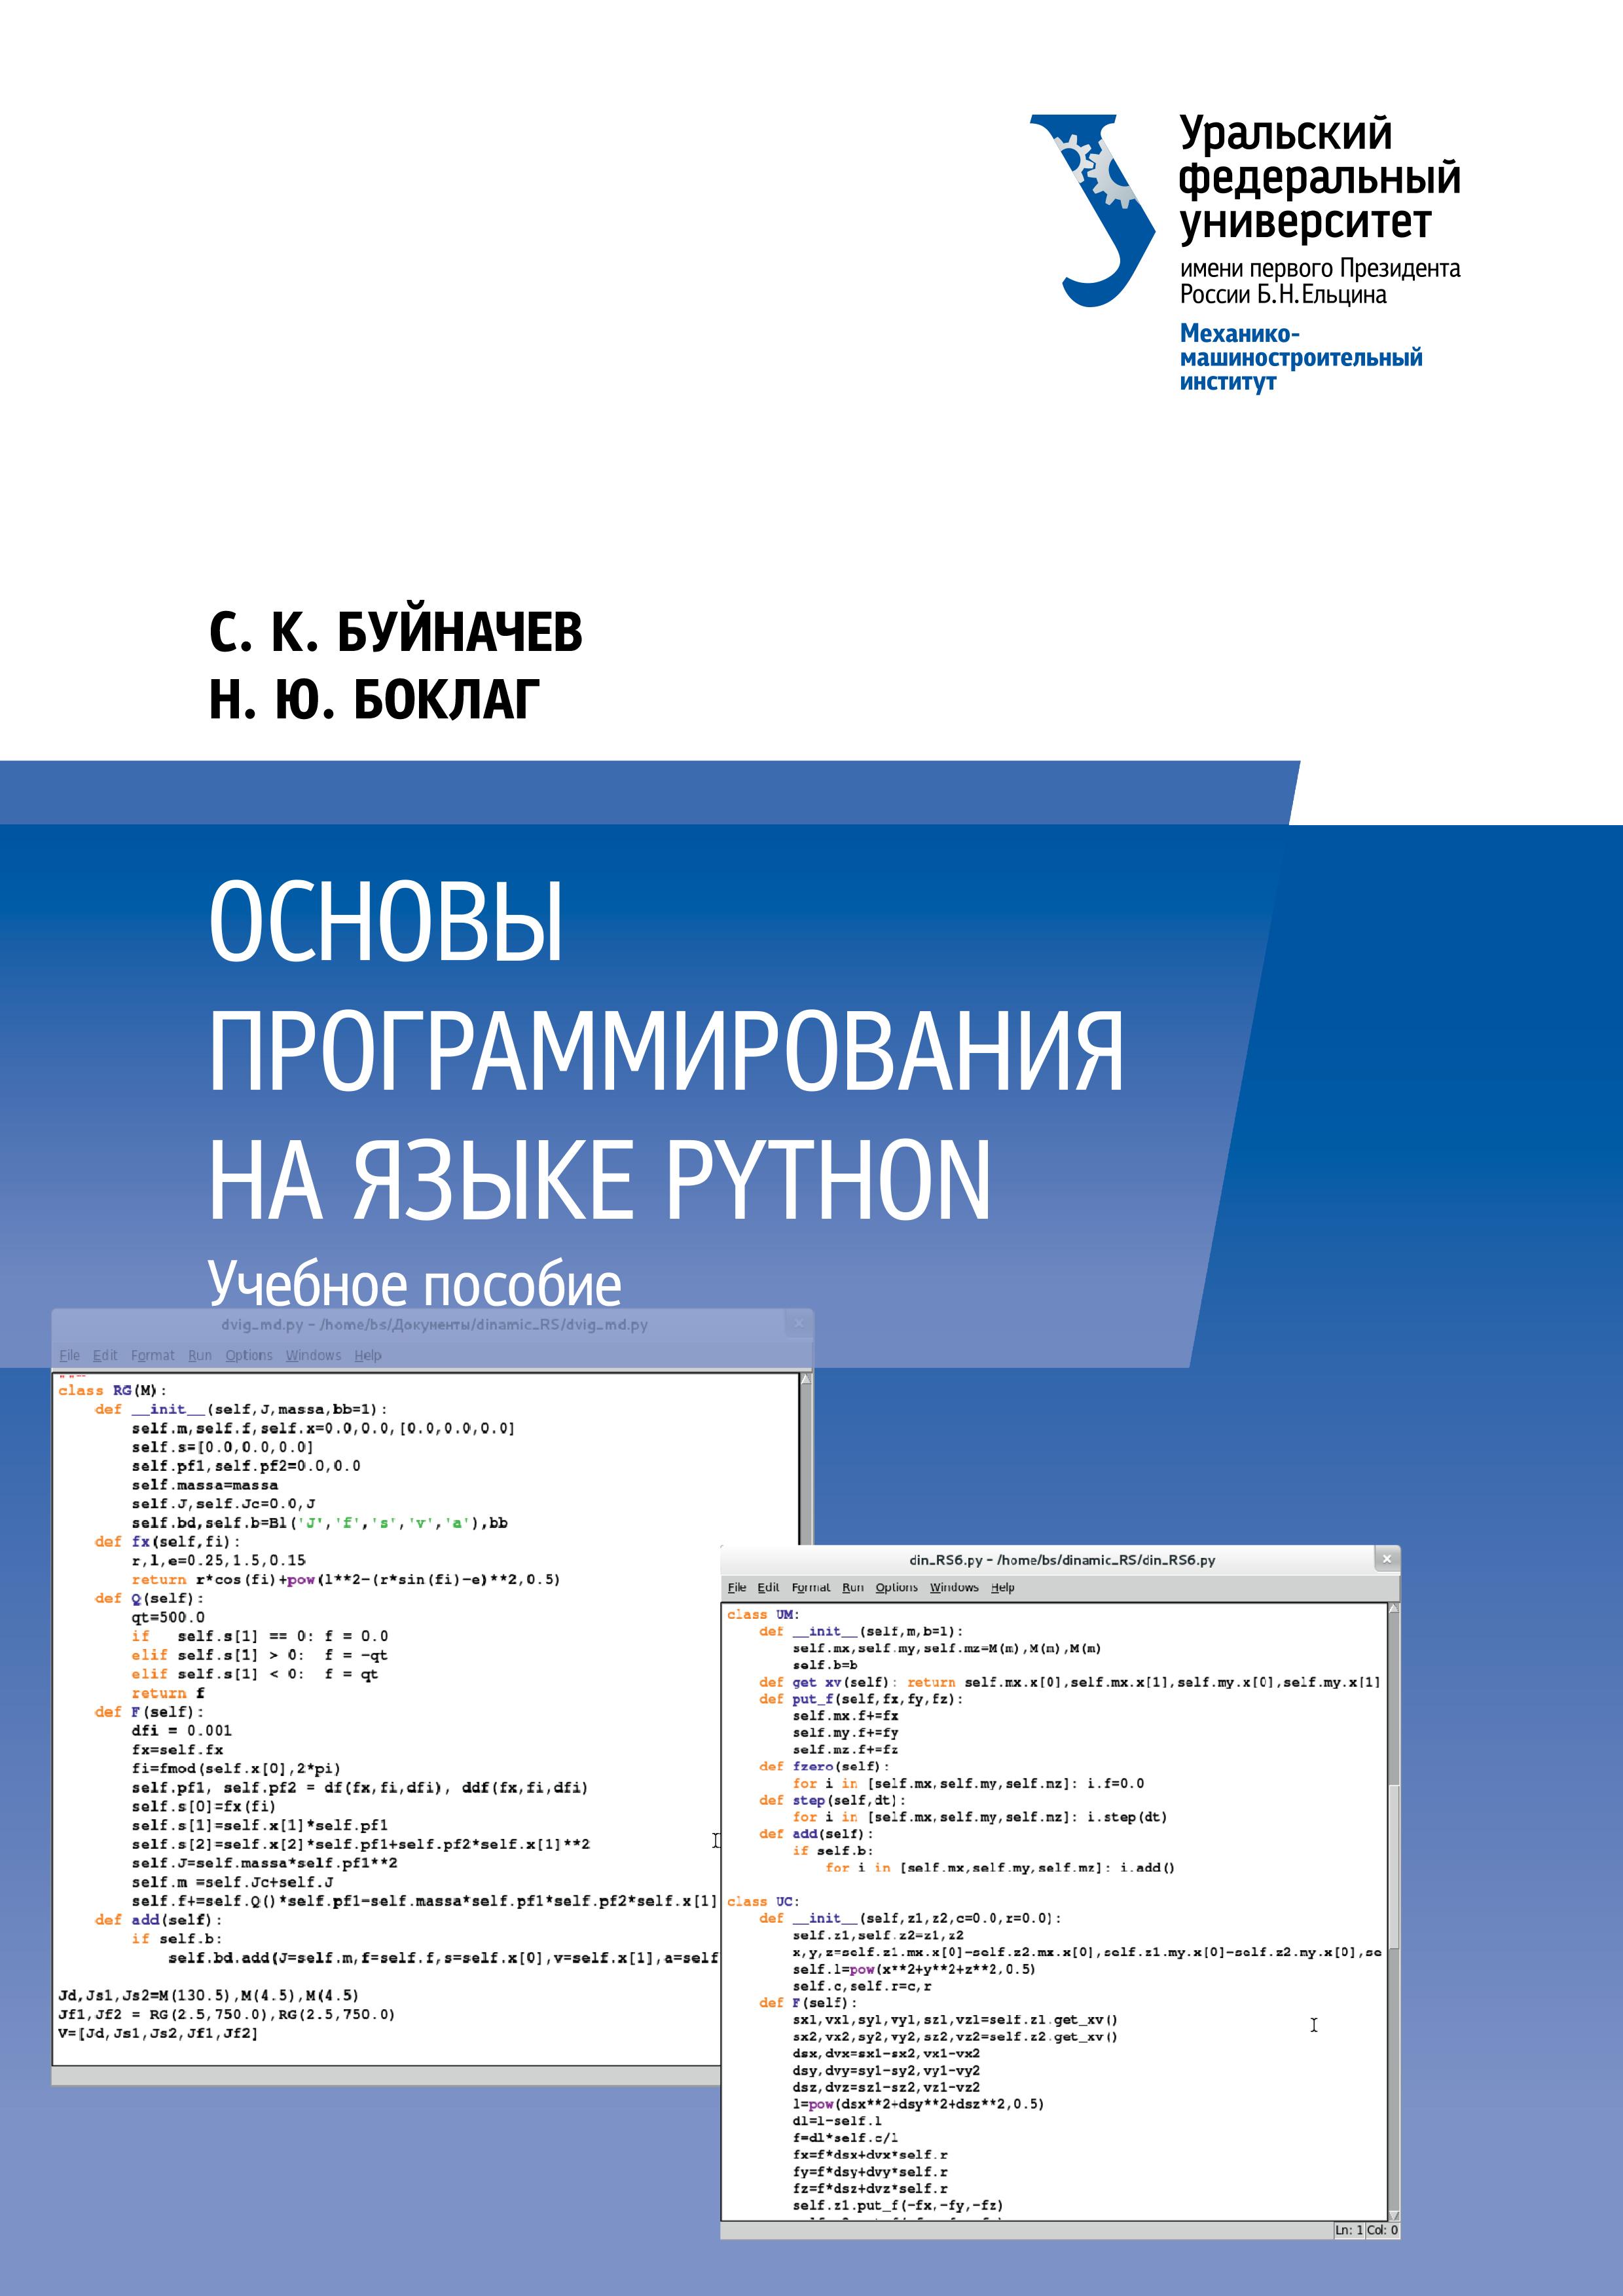 Н. Ю. Боклаг Основы программирования на языке Python д м златопольский основы программирования на языке python